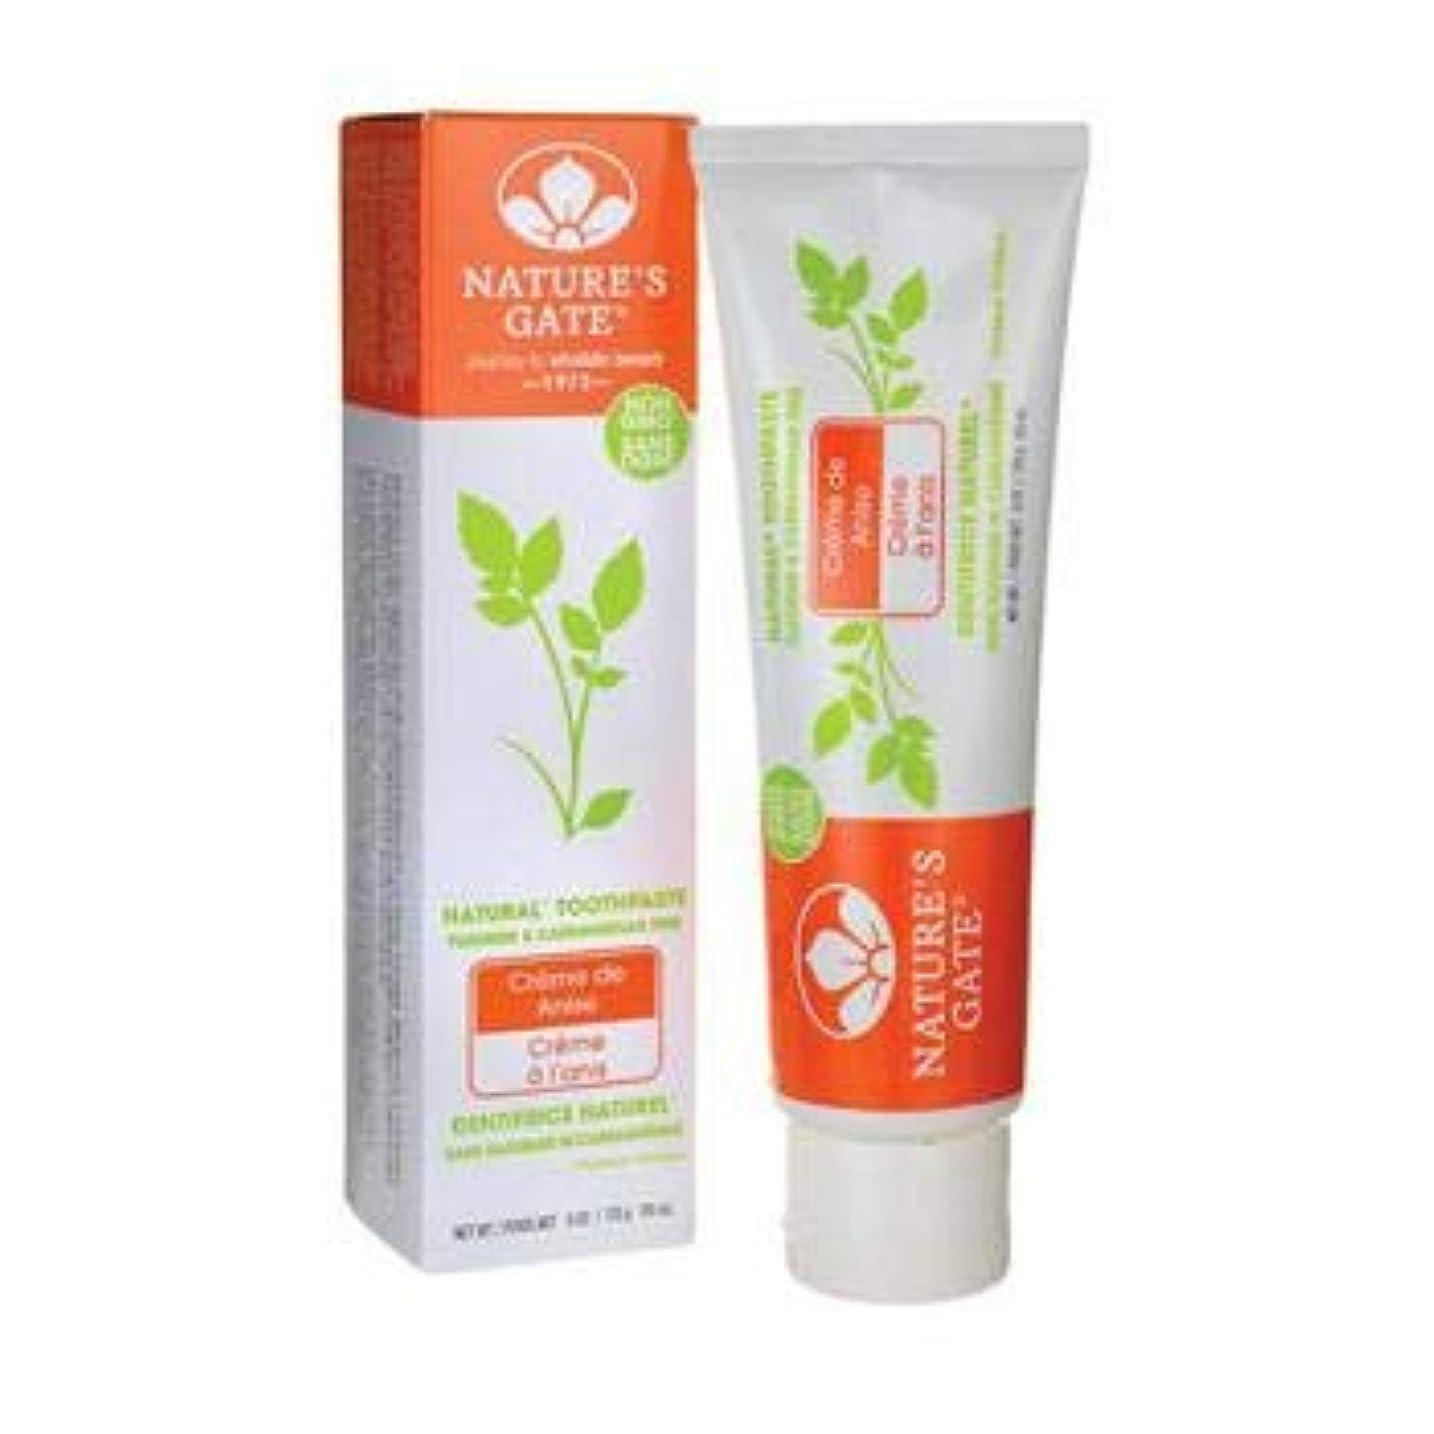 作る下にオープナー海外直送品Toothpaste Creme De, Anise 6 Oz by Nature's Gate